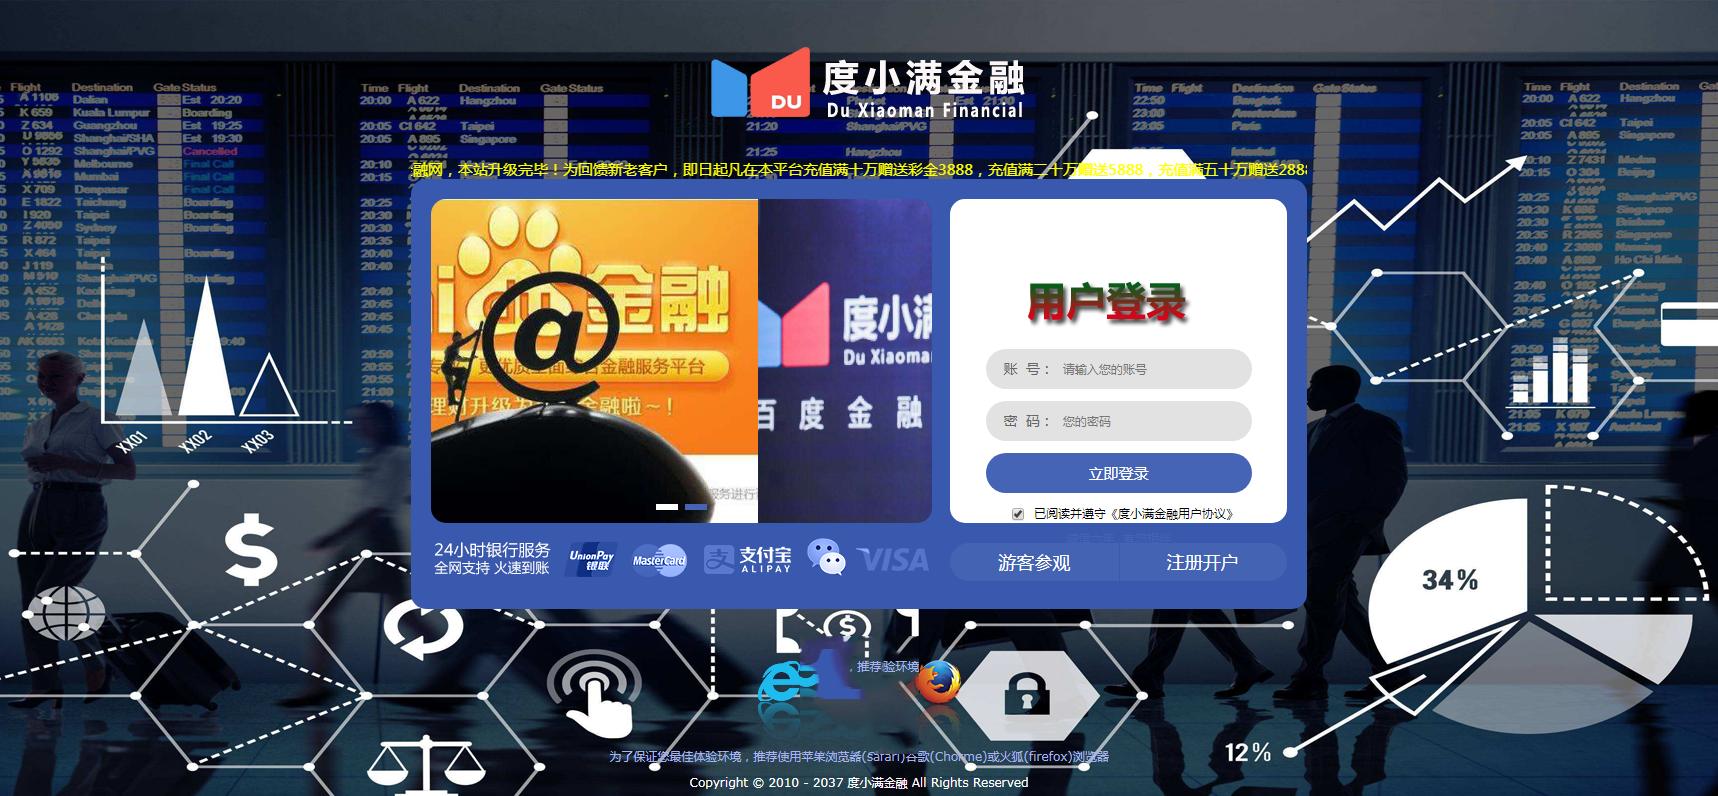 度小满金融理财杏彩改版CP网站系统源码-爱资源分享